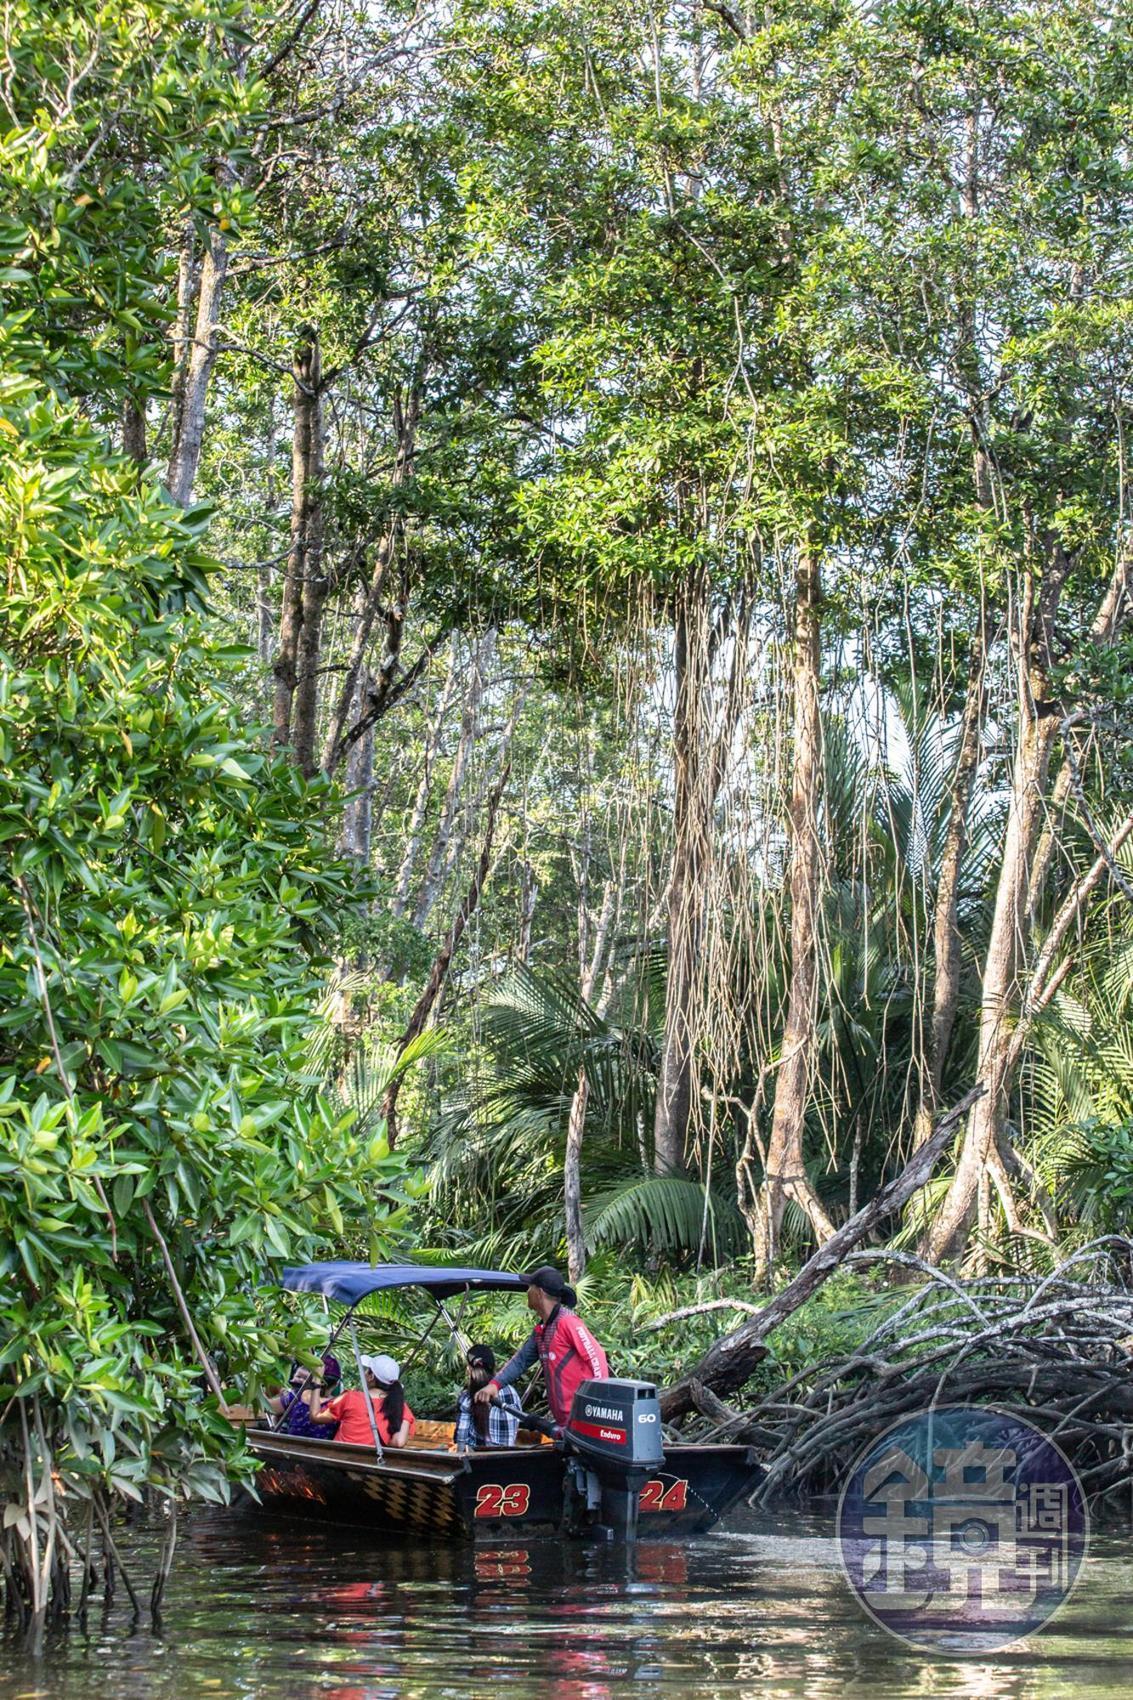 沿著汶萊河可以乘坐長舟尋找長鼻猴的蹤跡。